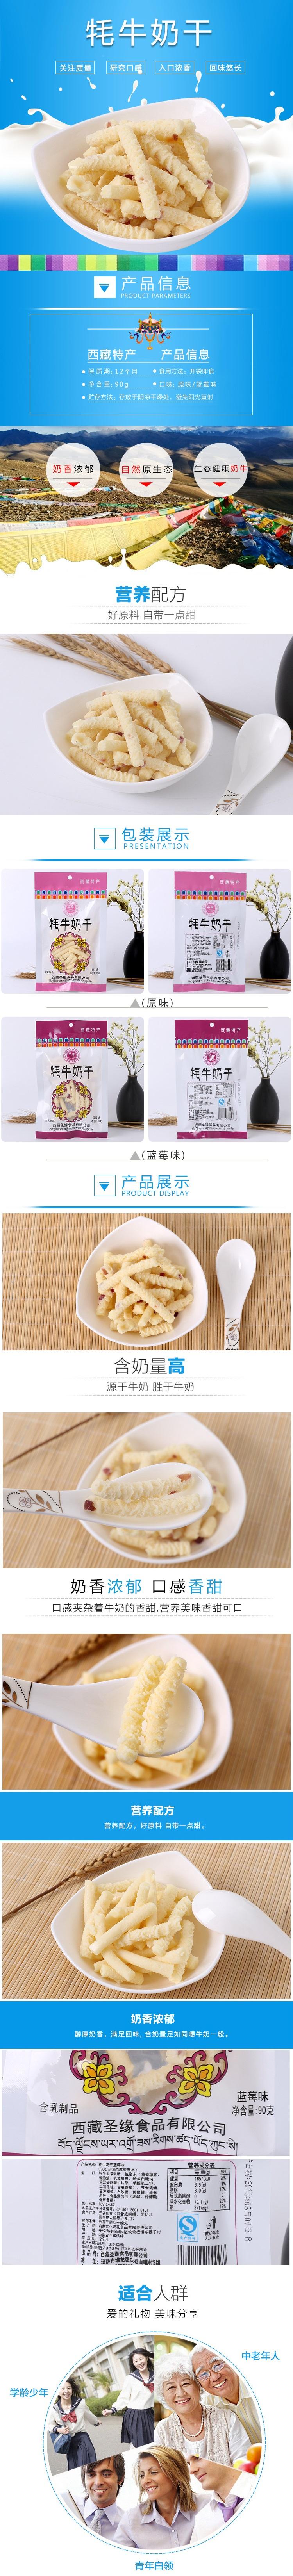 西藏特产  牦牛奶味奶干多味袋装供应休闲零食90克